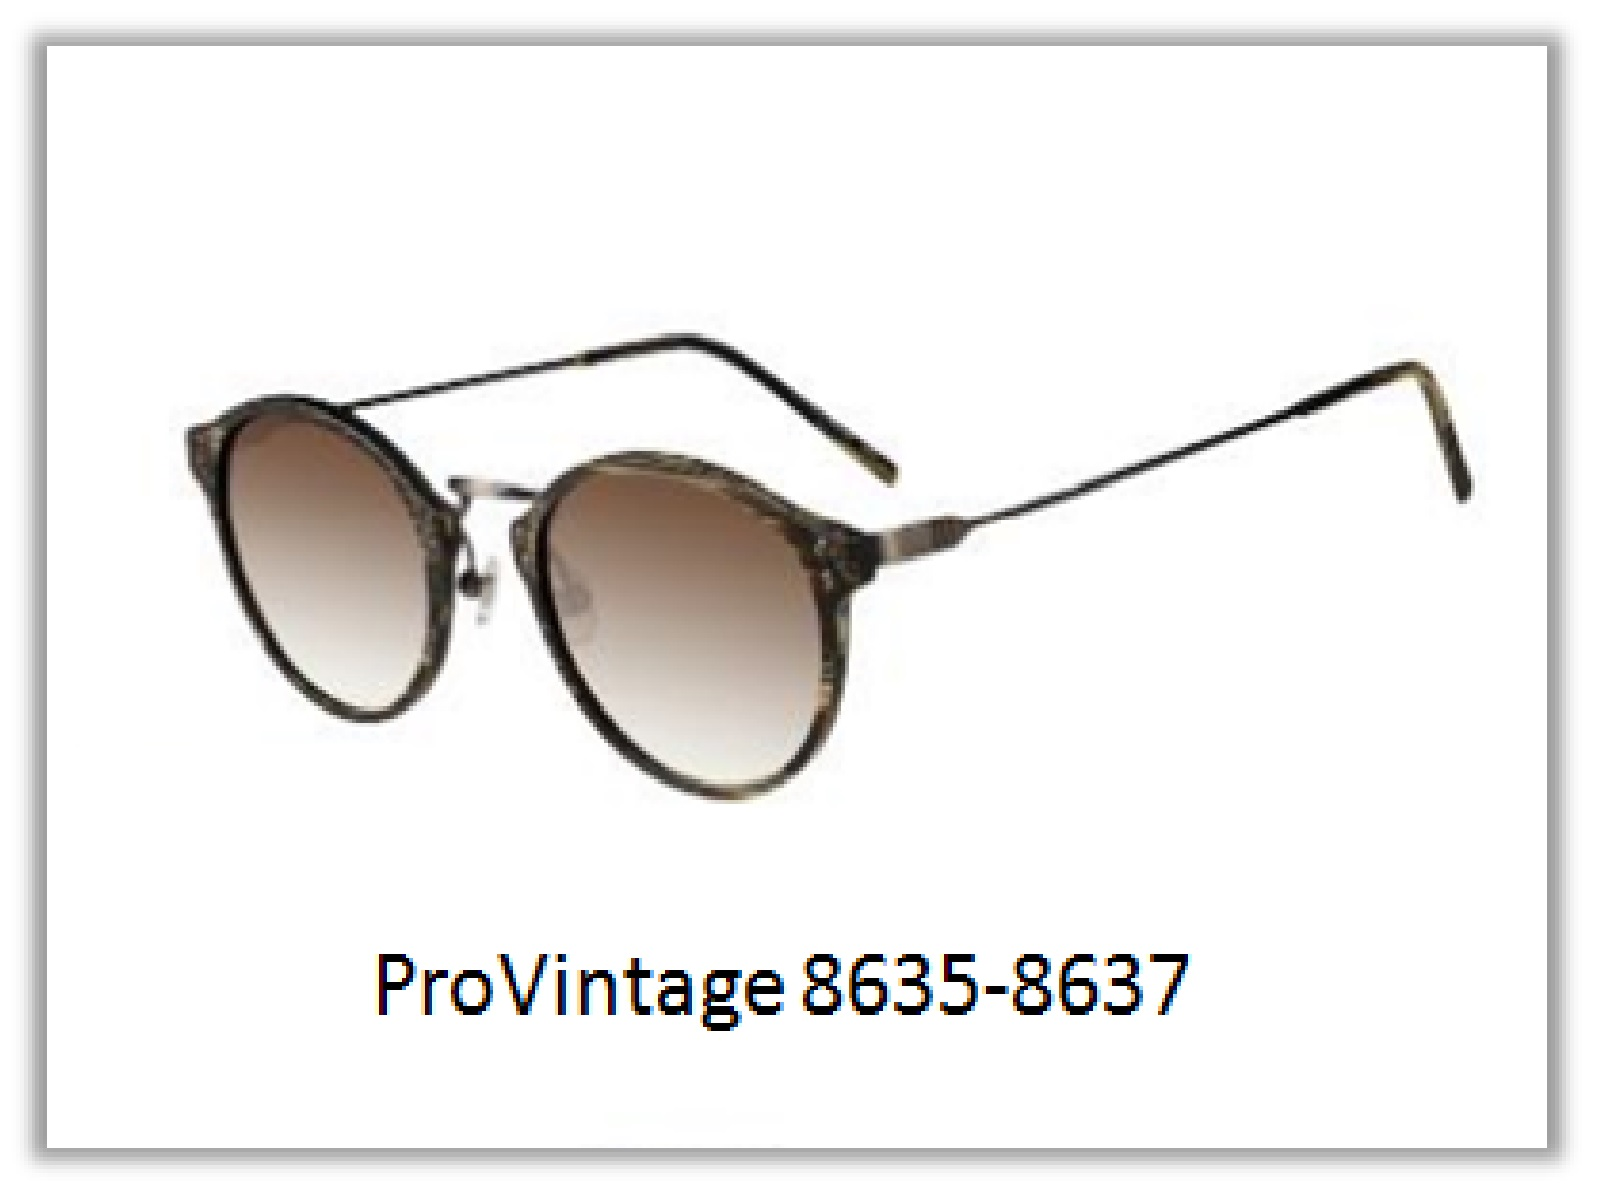 provintage 8635